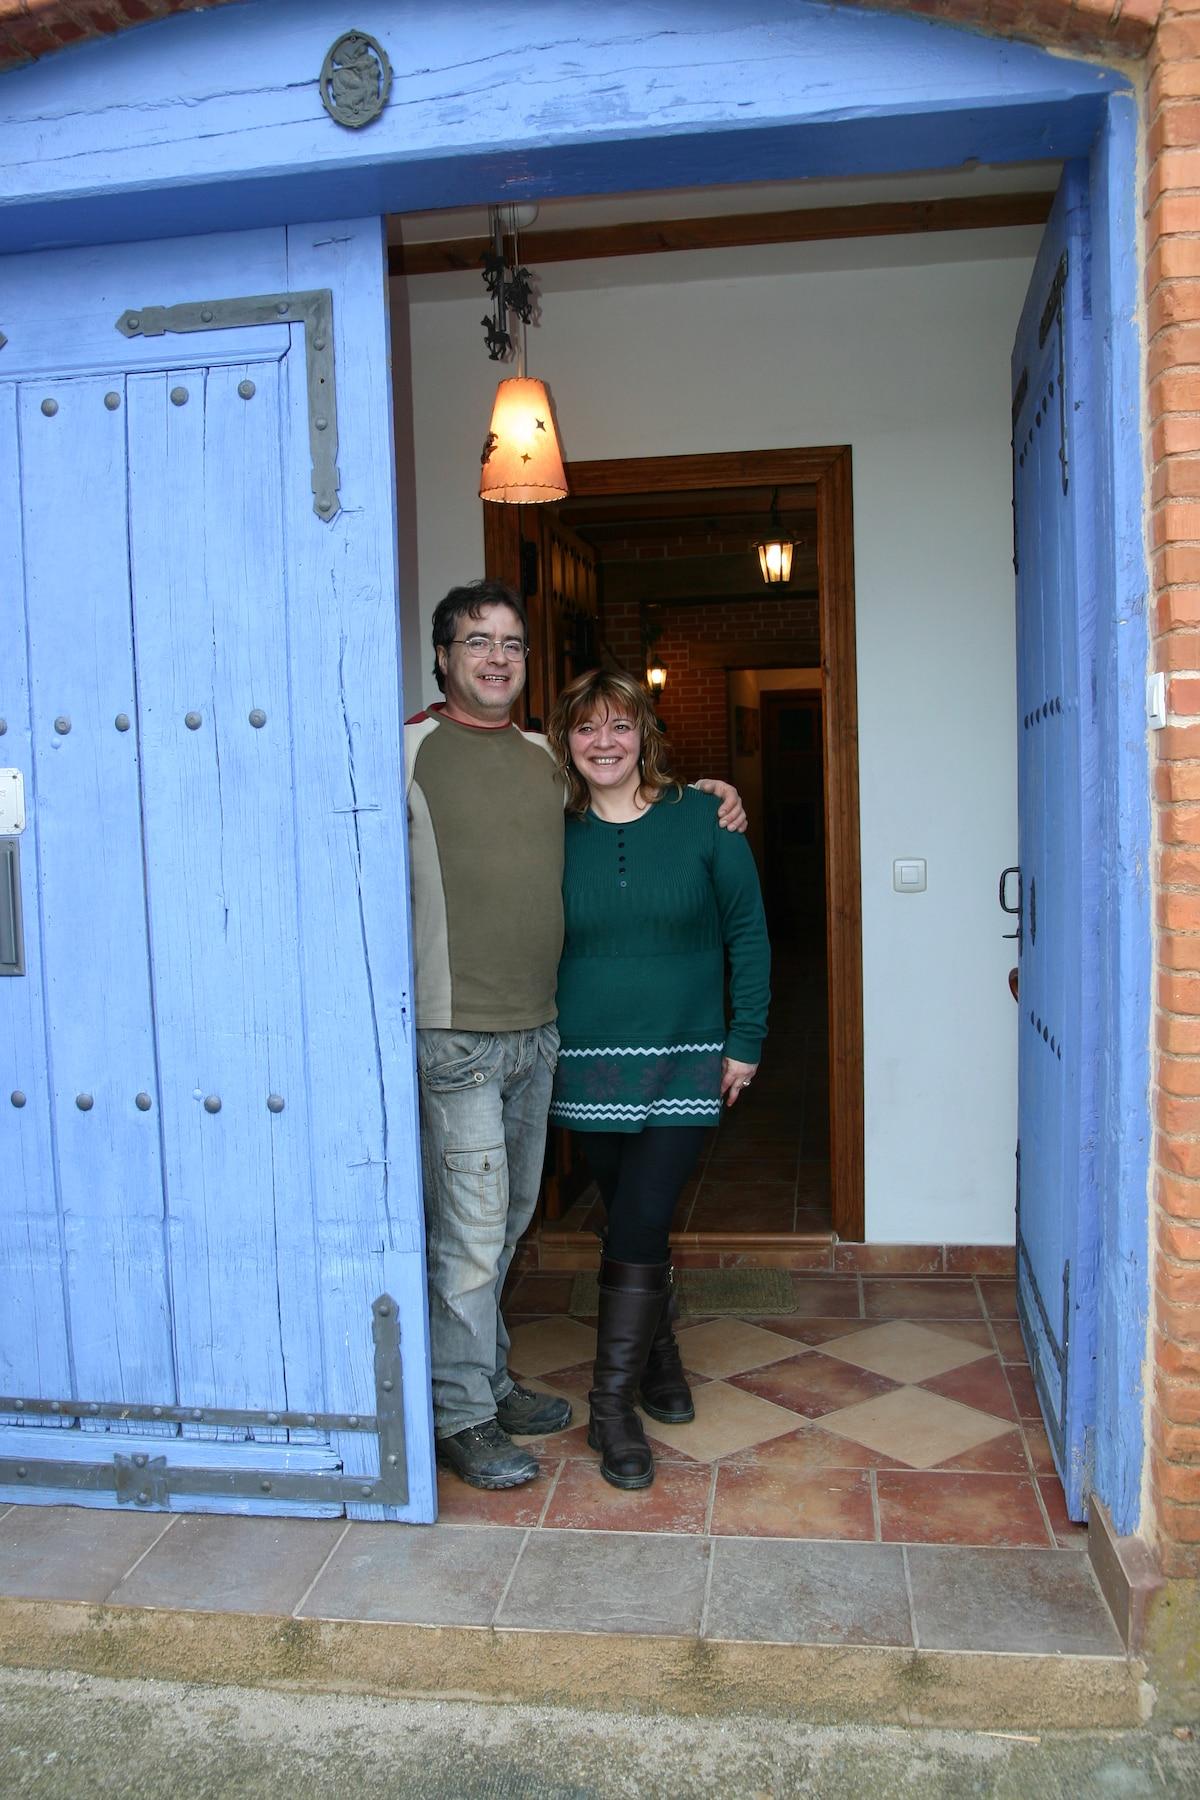 Rosa from Astorga